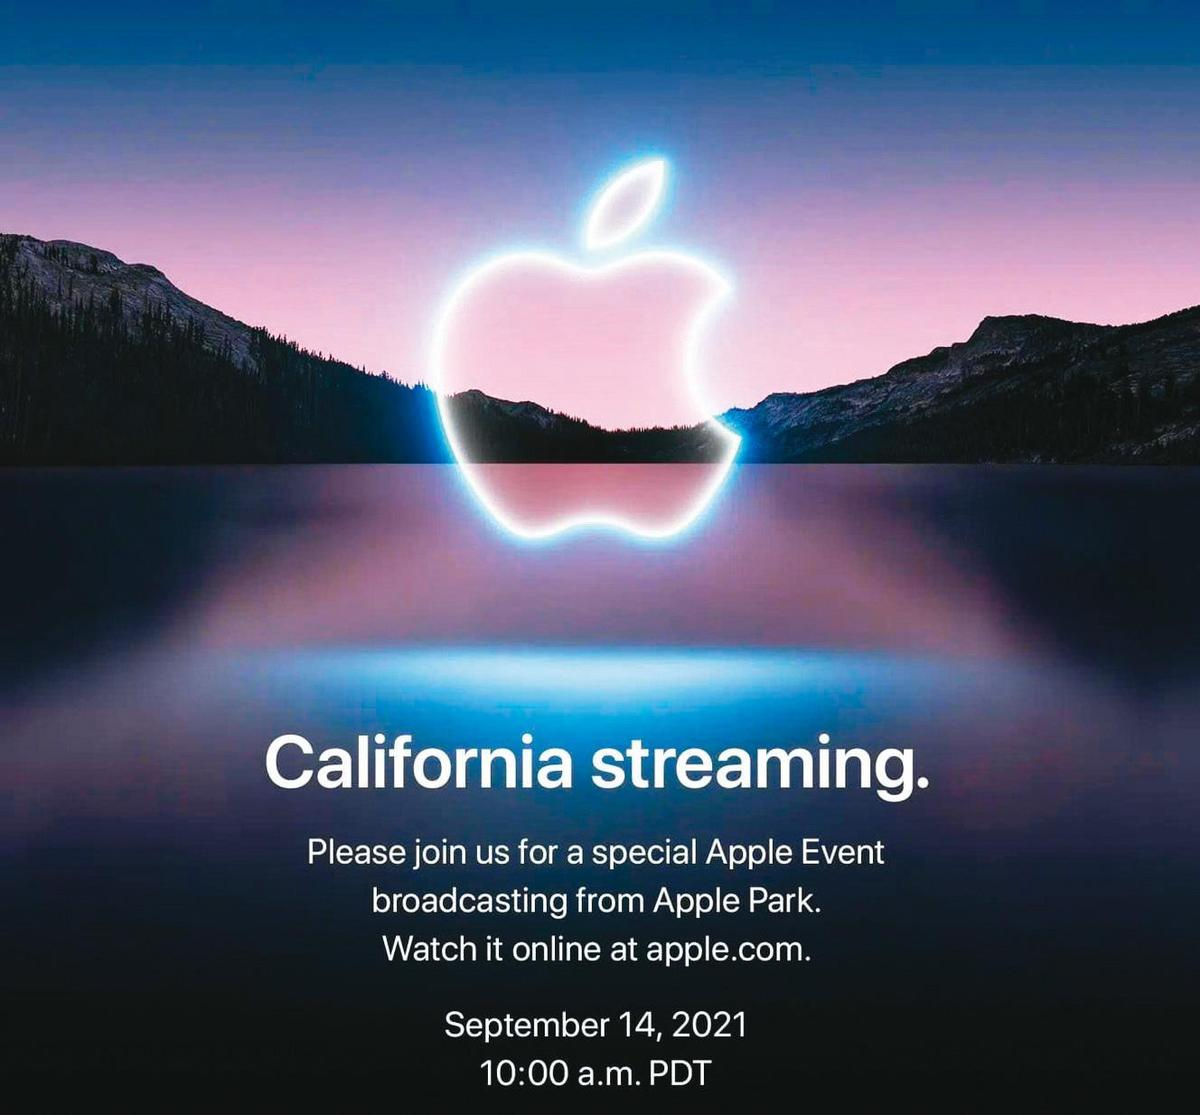 蘋果發表會邀請函暗藏AR彩蛋,用手機點開網頁中的LOGO,即可透過內建相機看到LOGO中的加州美景。(蘋果提供)